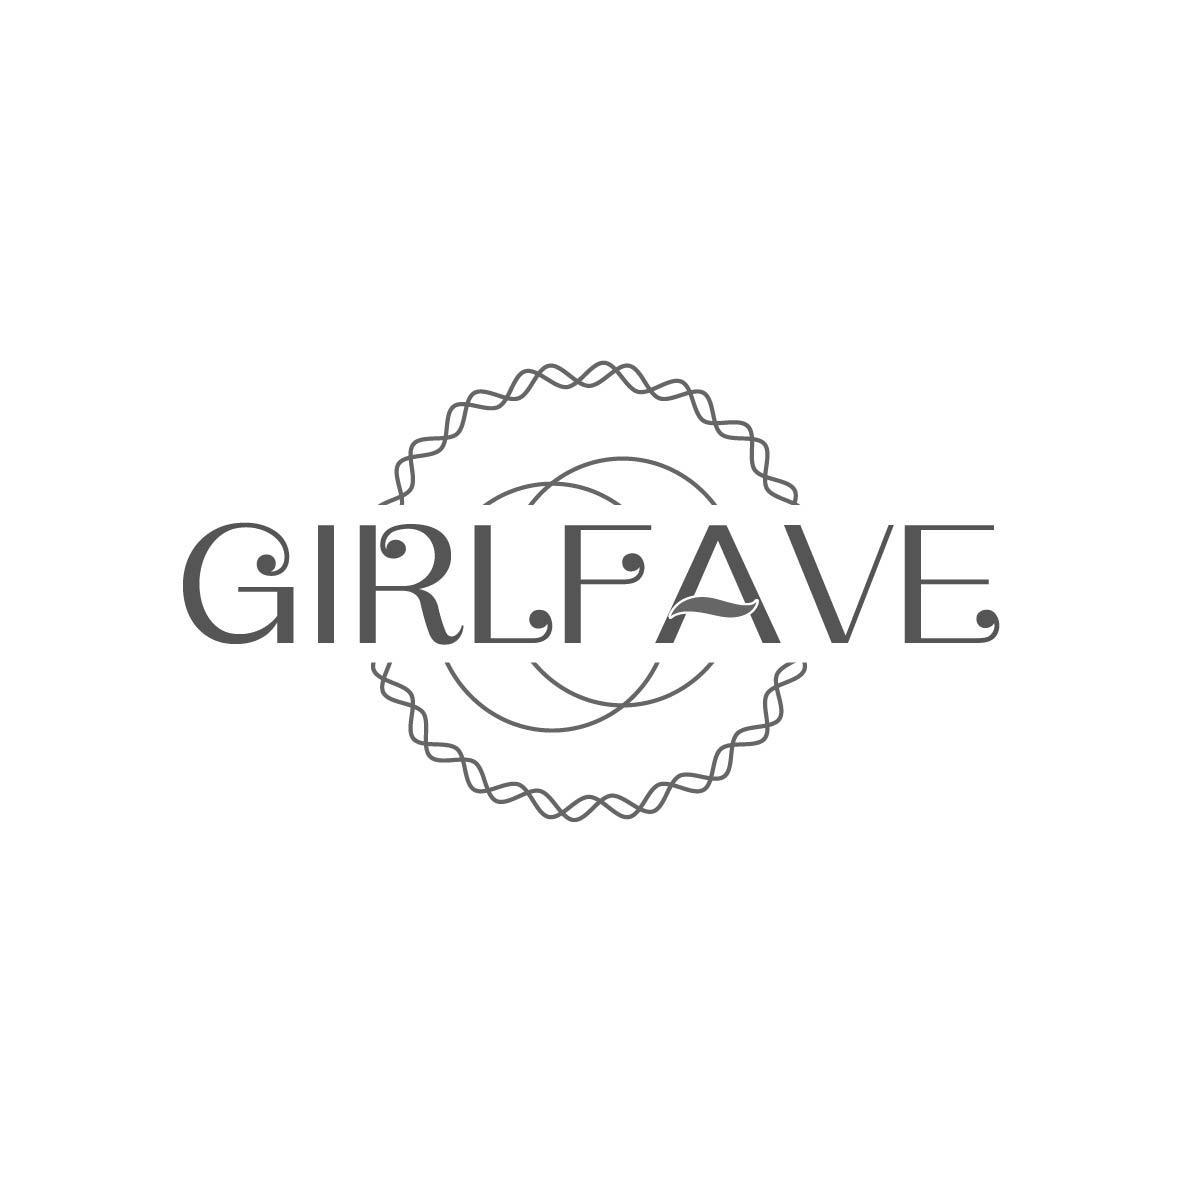 西安区商标转让-14类珠宝钟表-GIRLFAVE